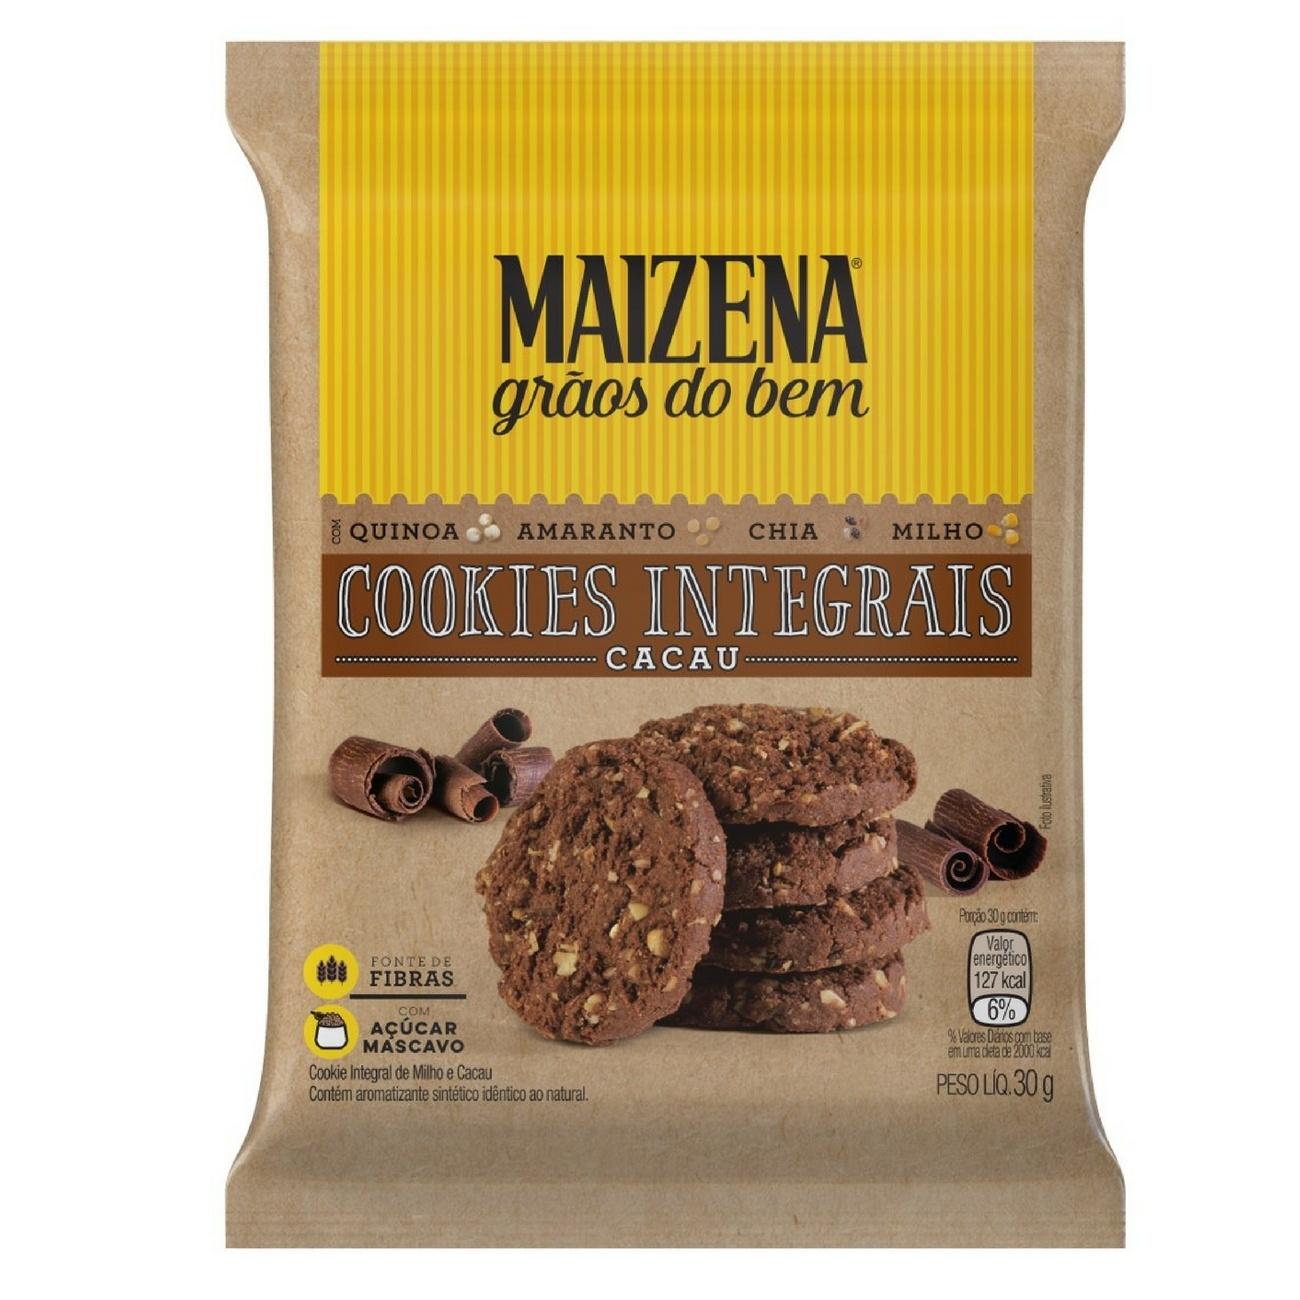 Maizena Gr�os do Bem Mini Cookies Integrais de Cacau 30g